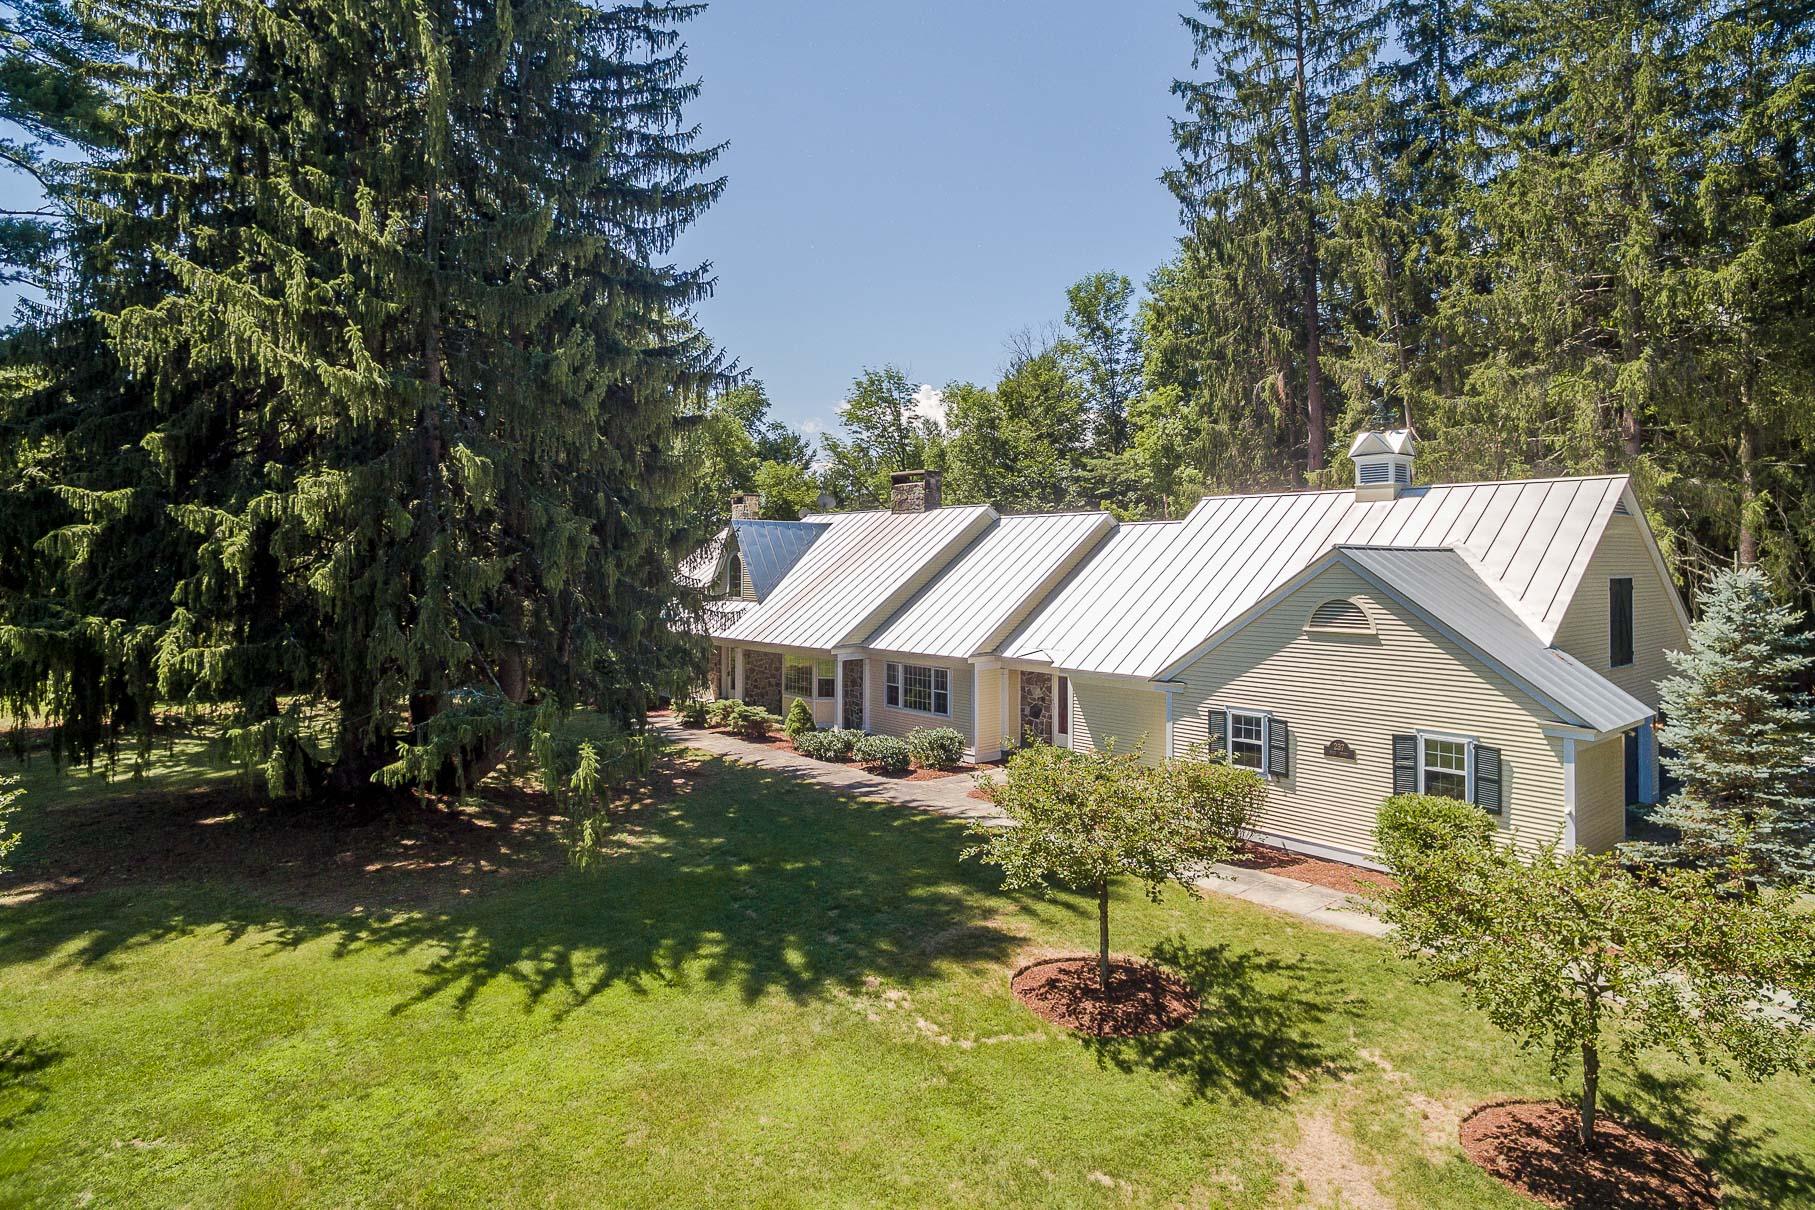 獨棟家庭住宅 為 出售 在 237 Main St, Norwich Norwich, 佛蒙特州, 05055 美國